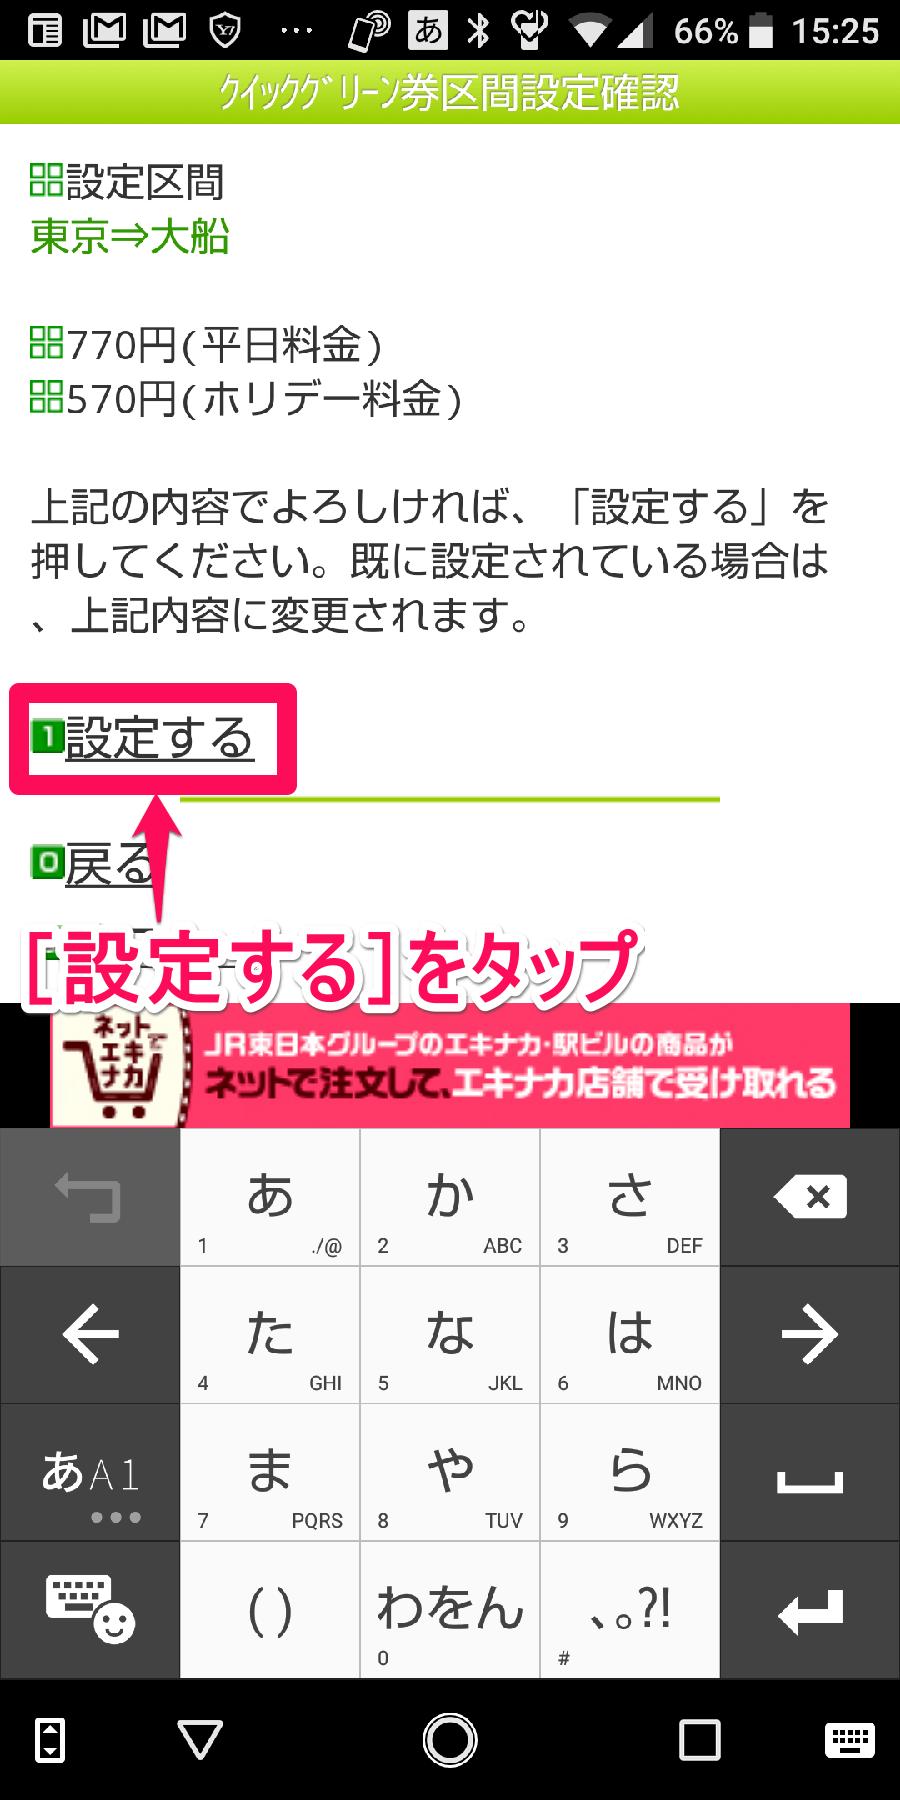 Android(アンドロイド)スマートフォン版「モバイルSuica」アプリの「クイックグリーン券区間設定確認」画面